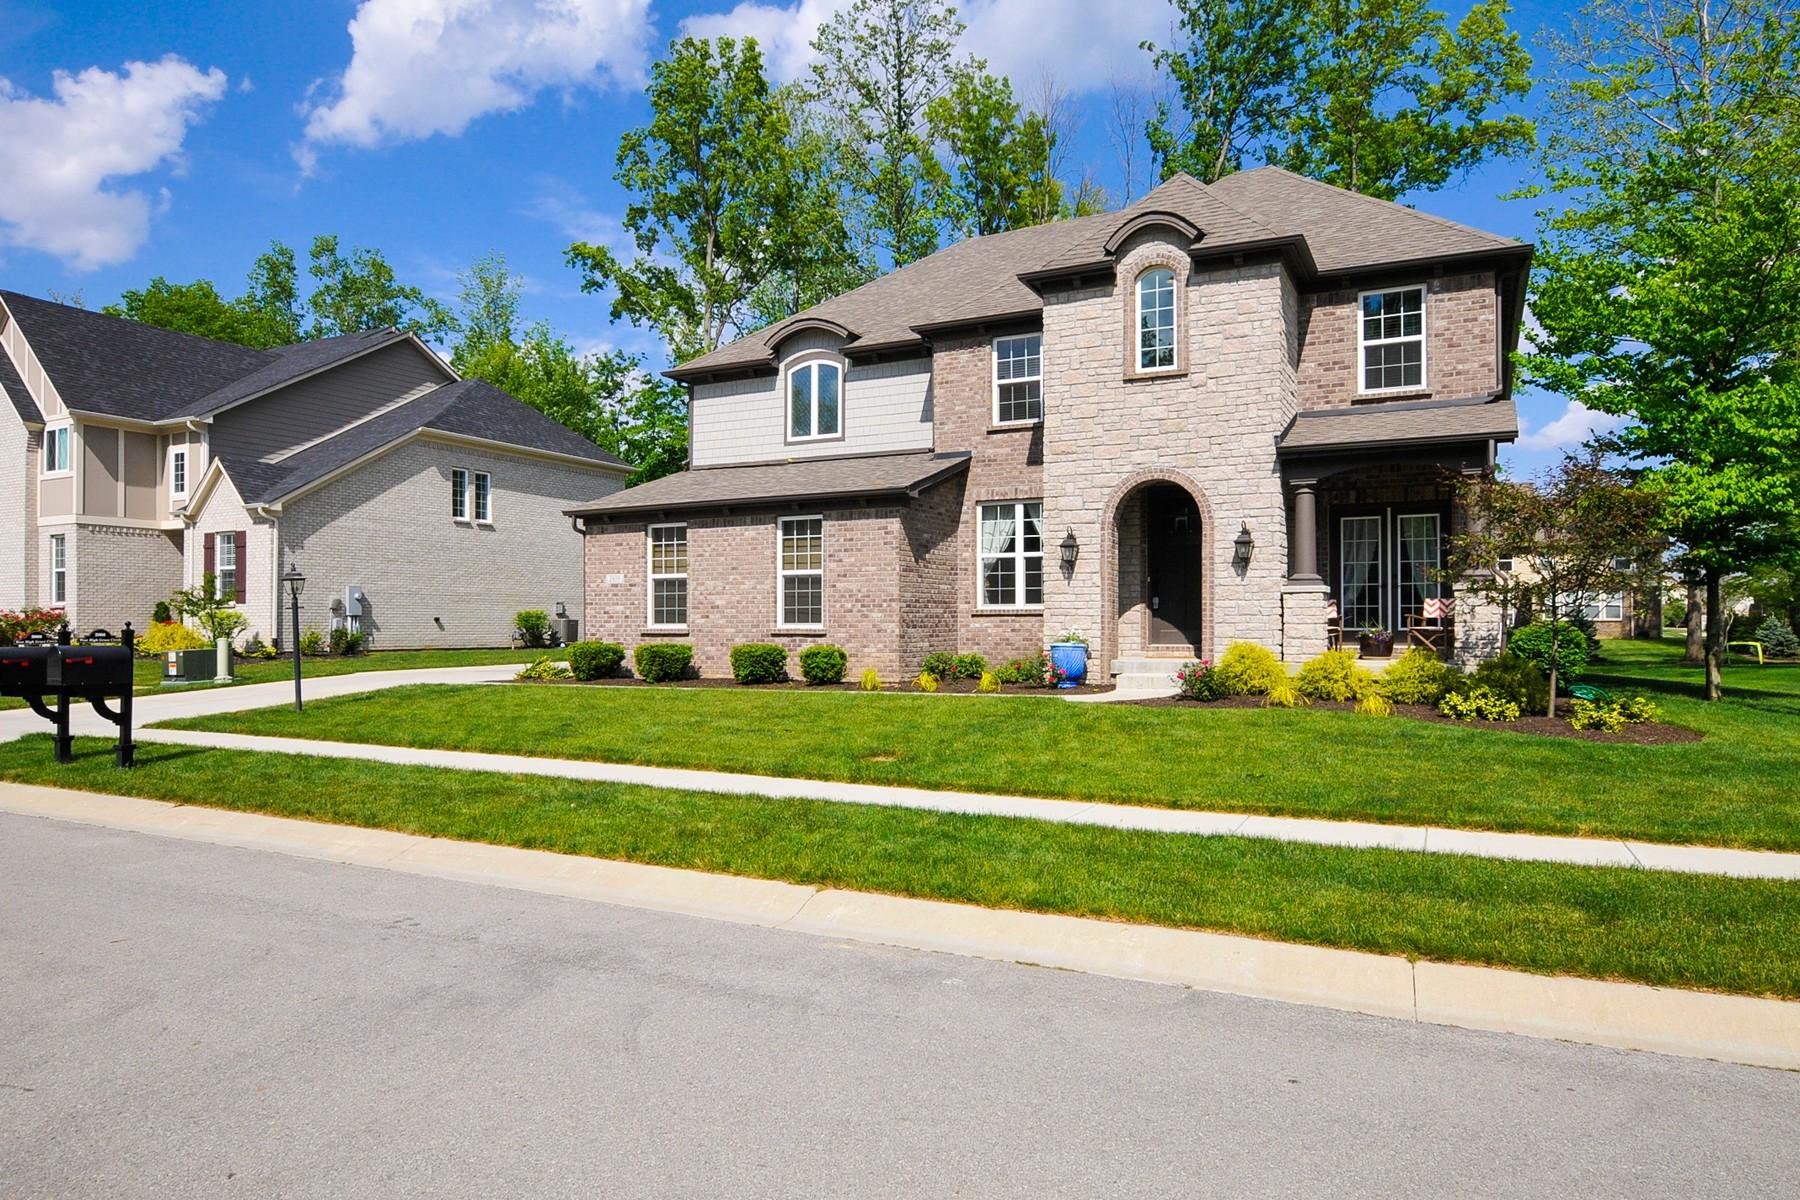 Частный односемейный дом для того Продажа на Dream Home on Beautiful Lot 2809 W. High Grove Circle Zionsville, Индиана, 46077 Соединенные Штаты